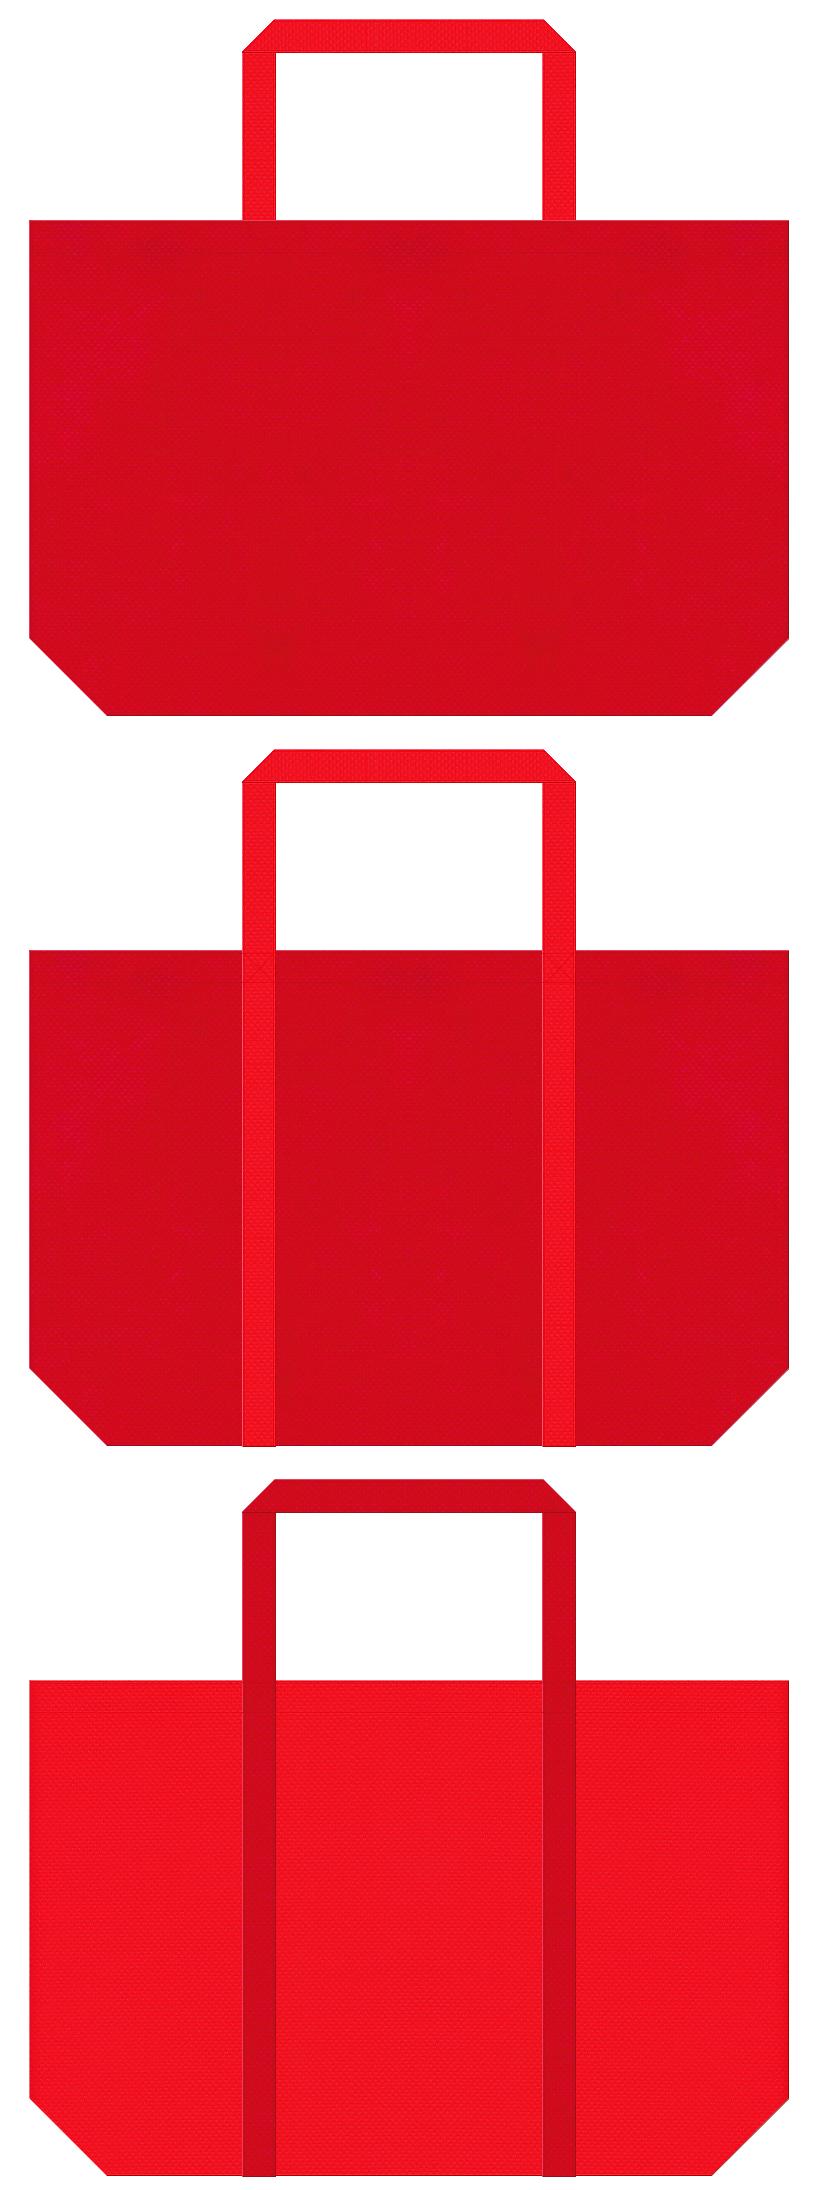 クリスマスセール・福袋にお奨めの不織布バッグデザイン:紅色と赤色のコーデ